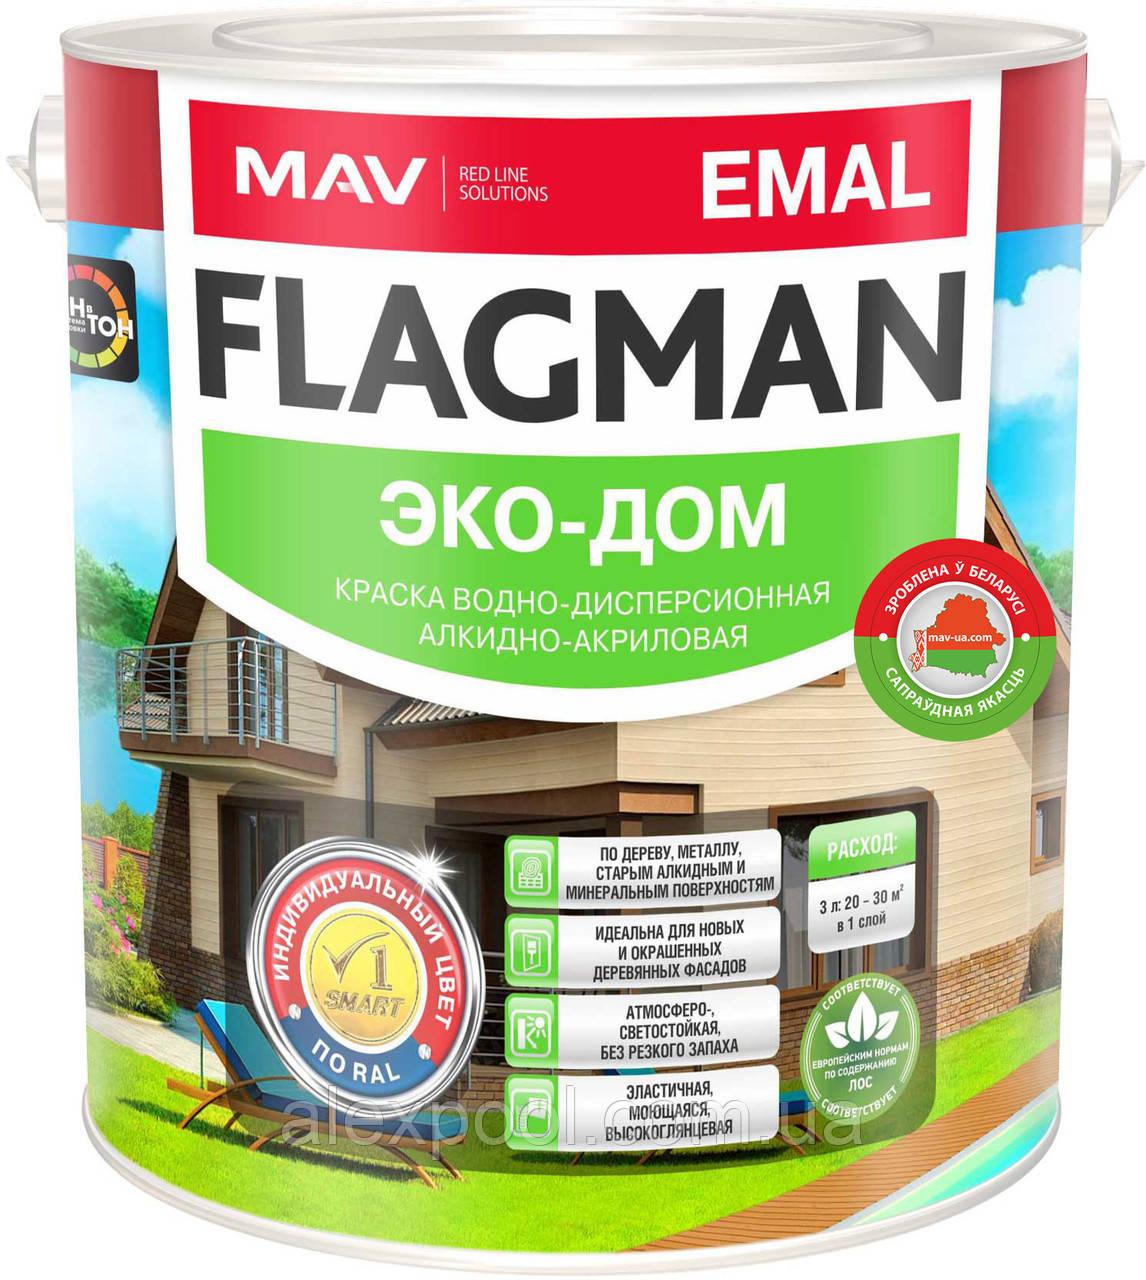 Эмаль MAV FLAGMAN EMAL ЭКО-ДОМ 1 литр